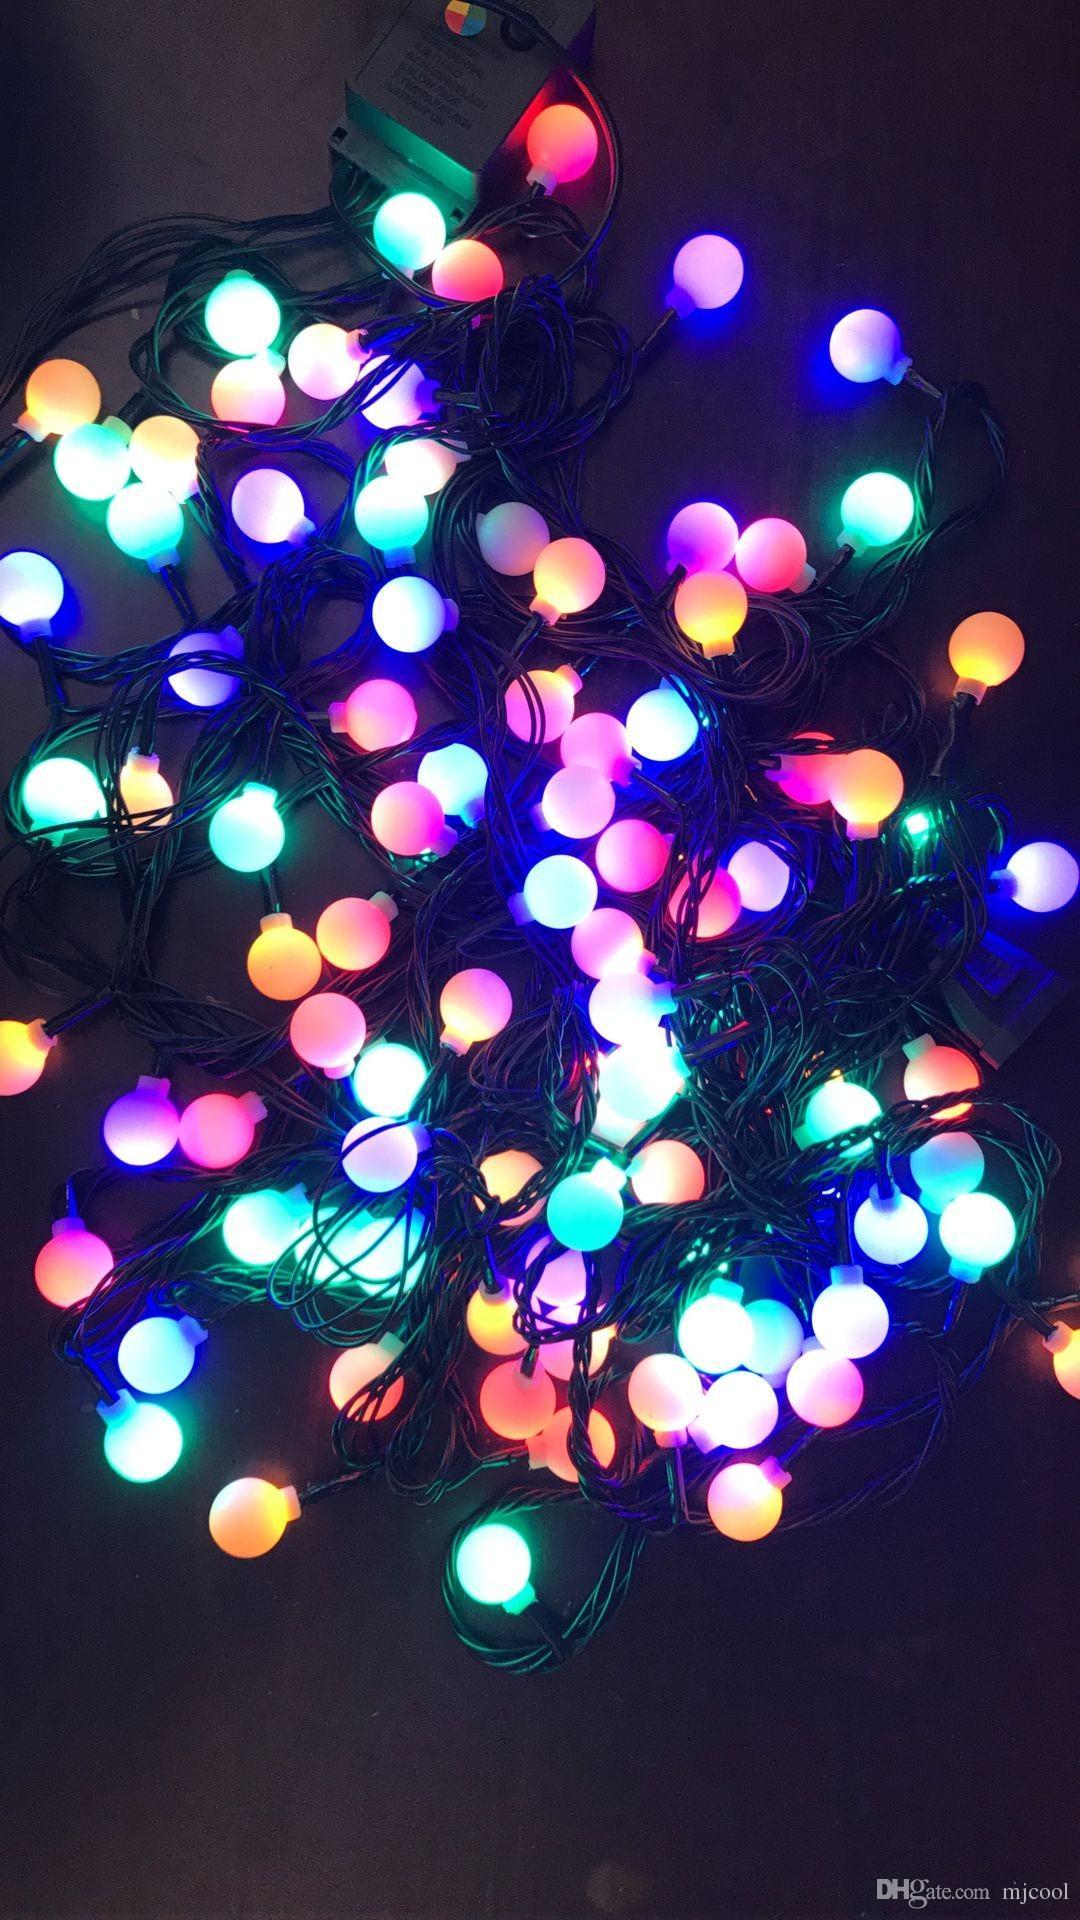 Beleuchtung strings 10m100 leds kirschkugel lichterkette led low-voltage dunkelgrüne linie starry patio string lichter für outdoor-dekoration